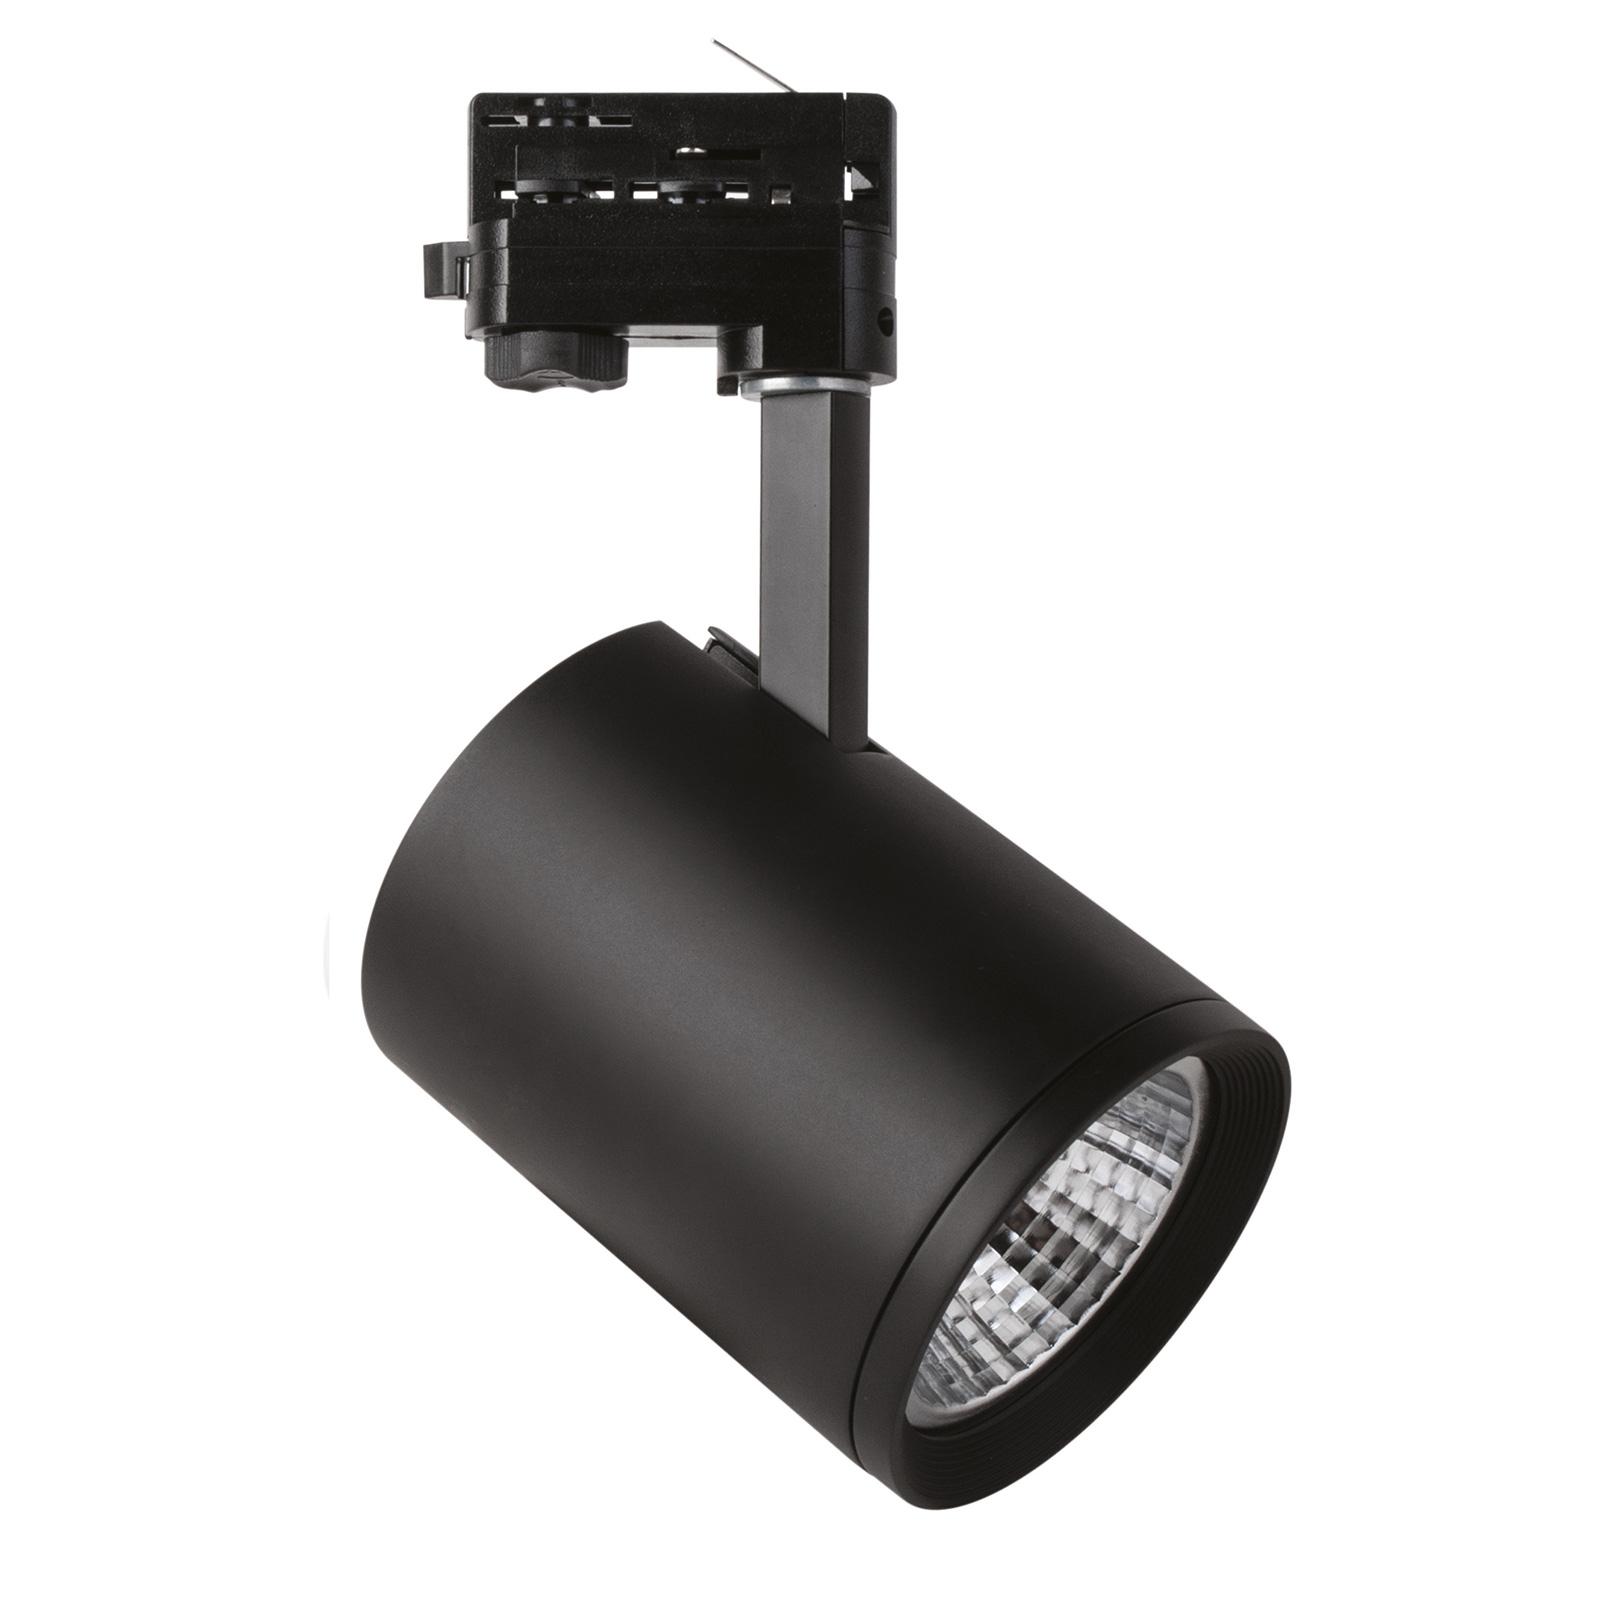 LED-spotti Marco 3-vaihekiskoon, musta 4 000 K